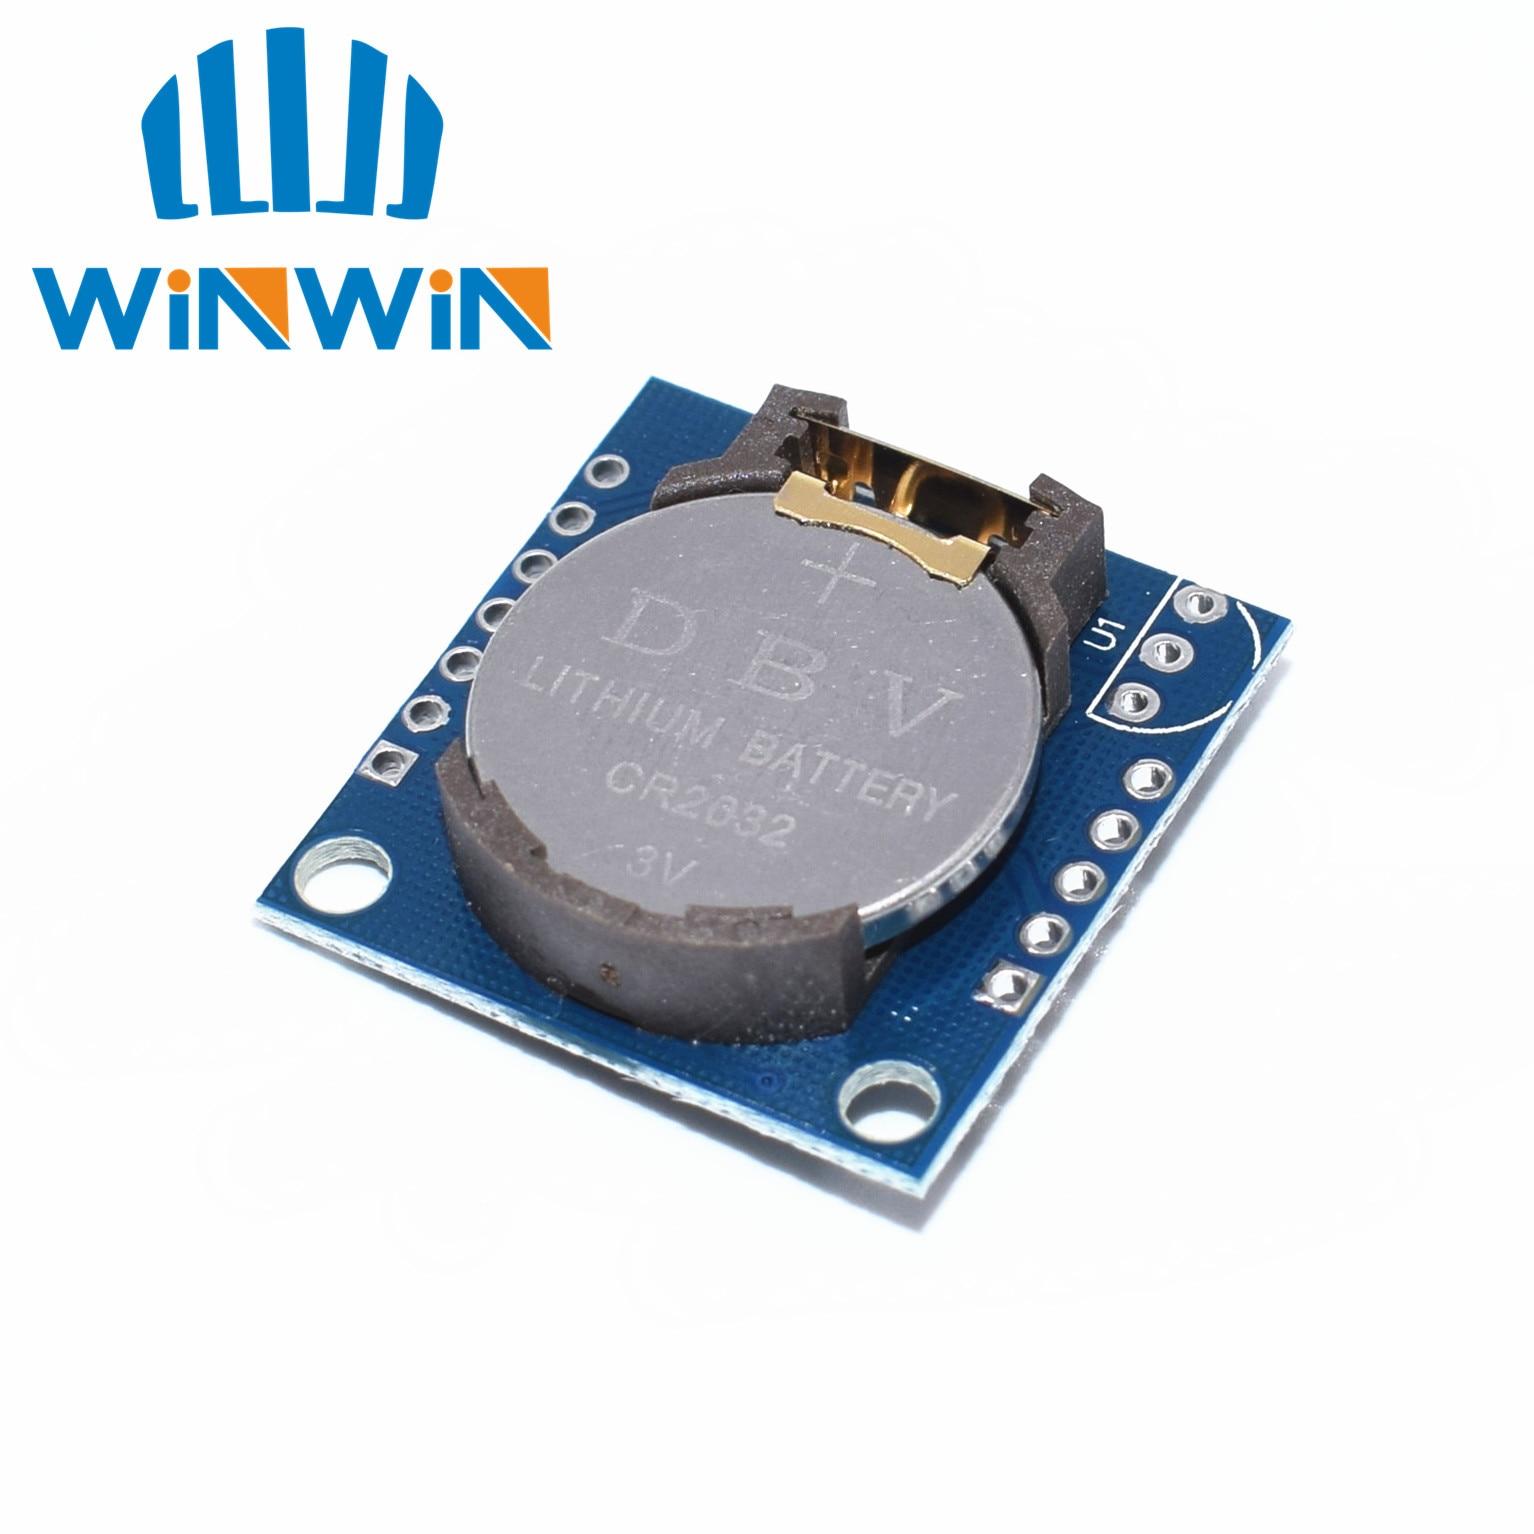 C53 1 шт. I2C RTC DS1307 AT24C32 часы реального времени модуль (с батареей) для AVR ARM PIC крошечный RTC I2C модулей памяти DS1307 часы